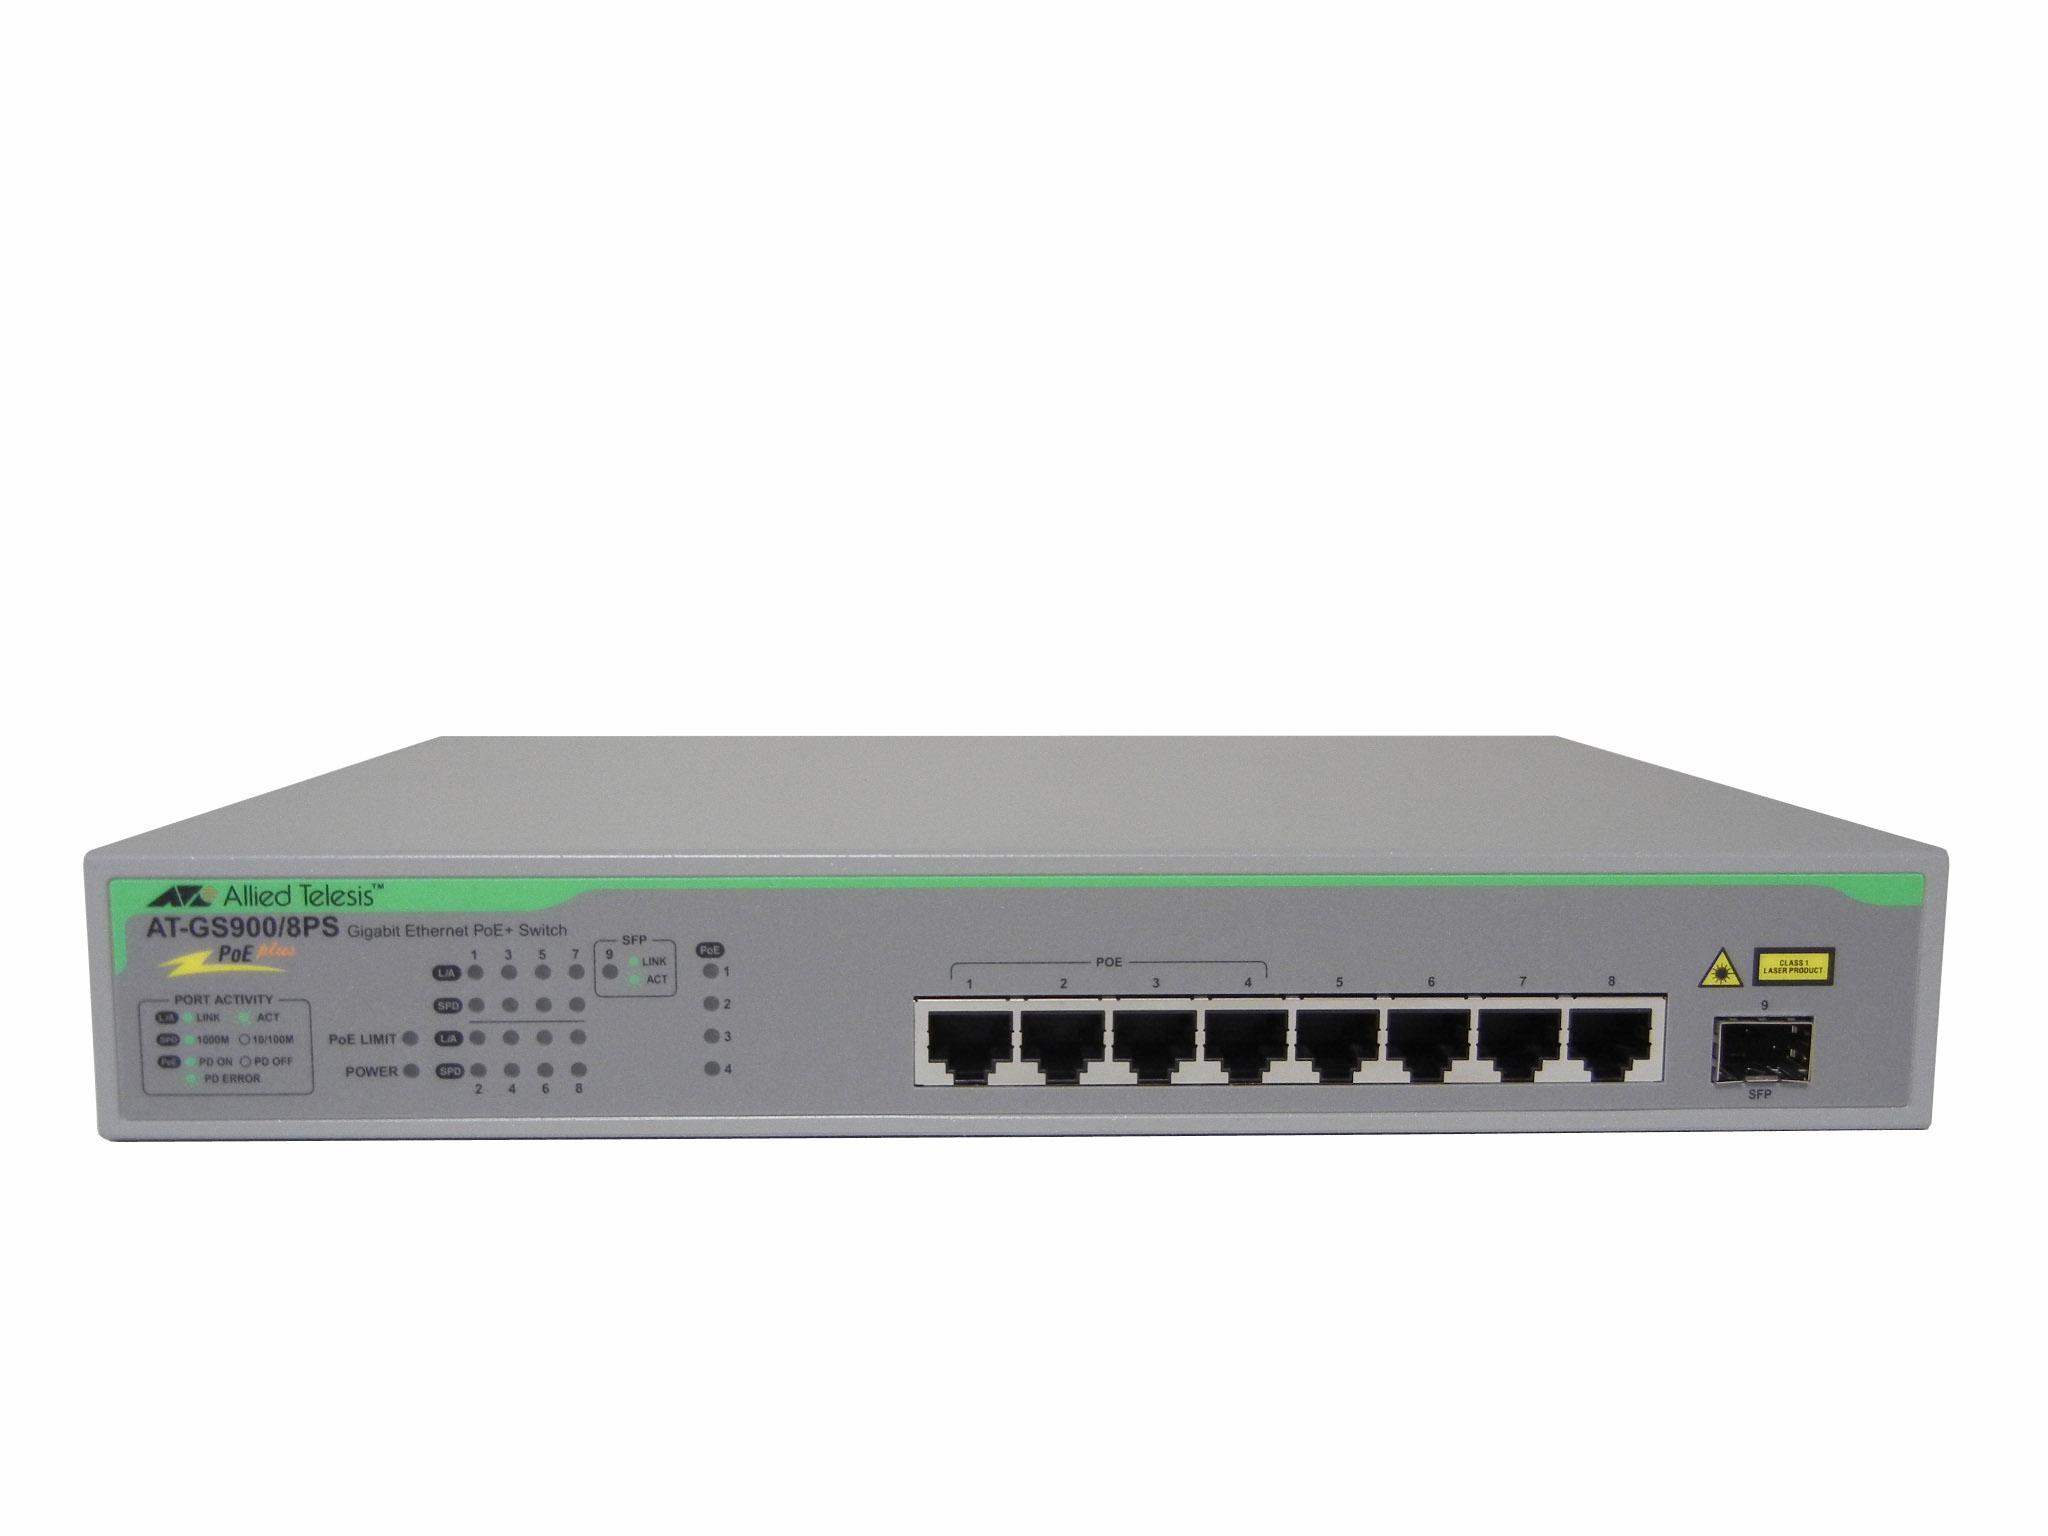 【中古】AT-GS900/8PS Allied Telesis ギガビットイーサネット・PoE+スイッチ